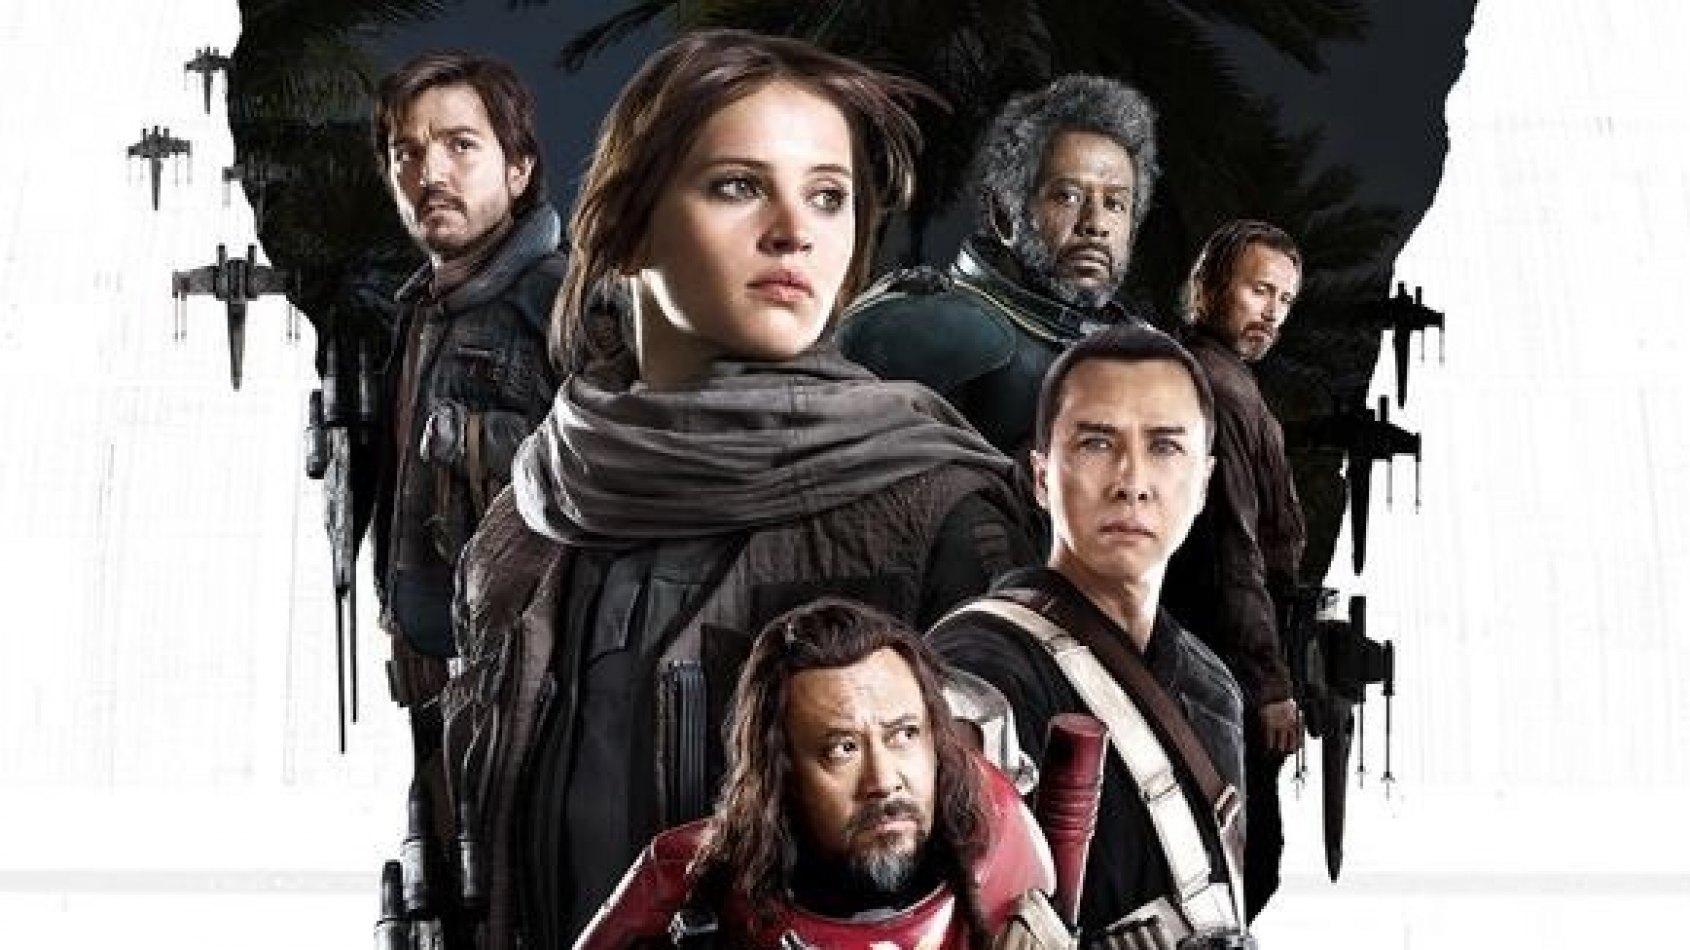 Un poster Imax pour Rogue One